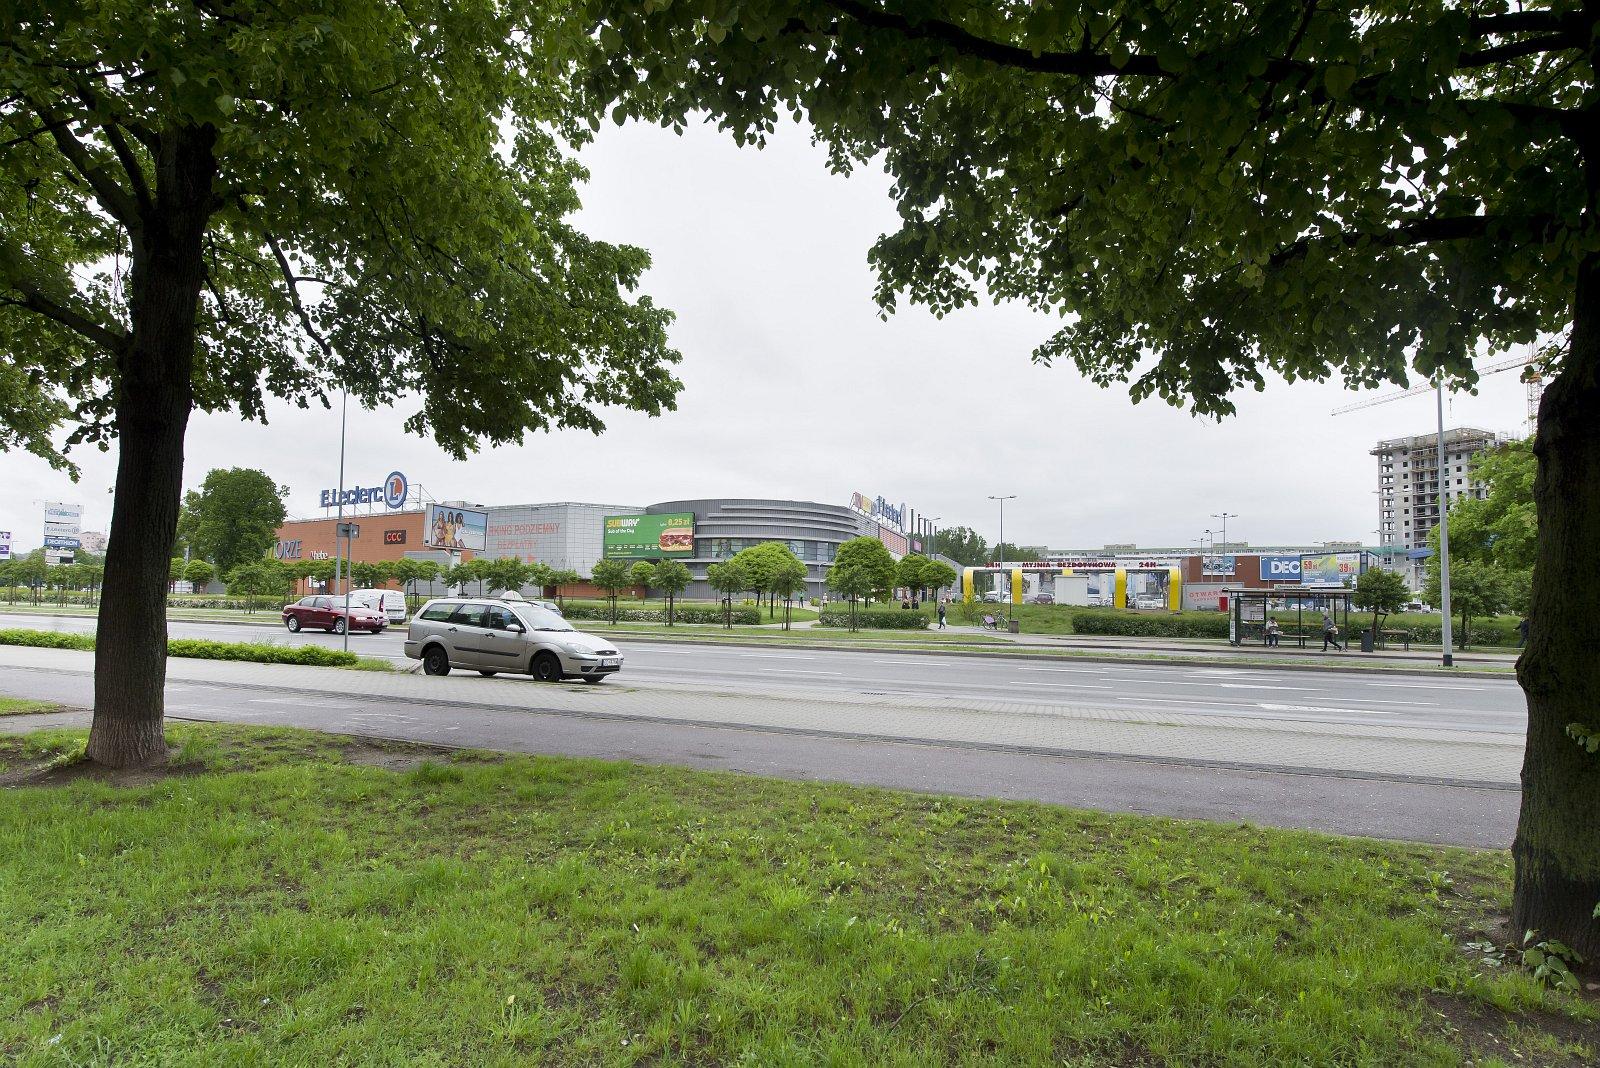 mieszkanie-wynajem-gdansk-ow4-05-11web